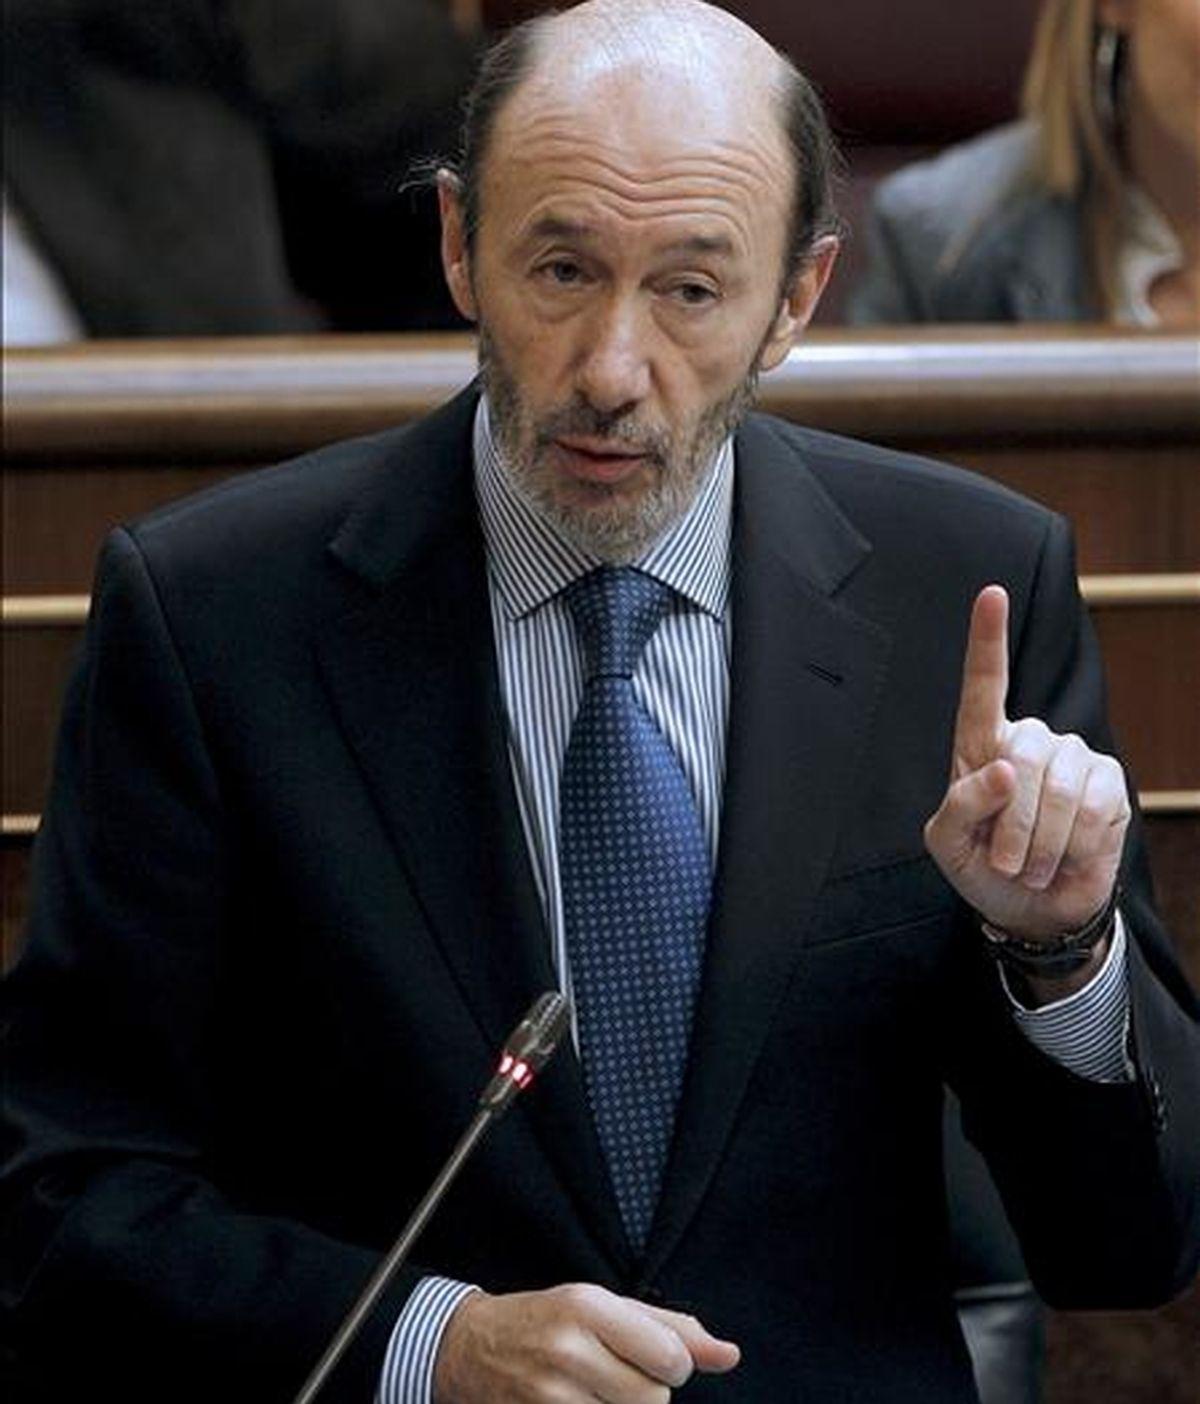 El vicepresidente primero del Gobierno y ministro del Interior, Alfredo Pérez Rubalcaba, durante su intervención en la sesión de control al Ejecutivo celebrada hoy en el Congreso de los Diputados. EFE